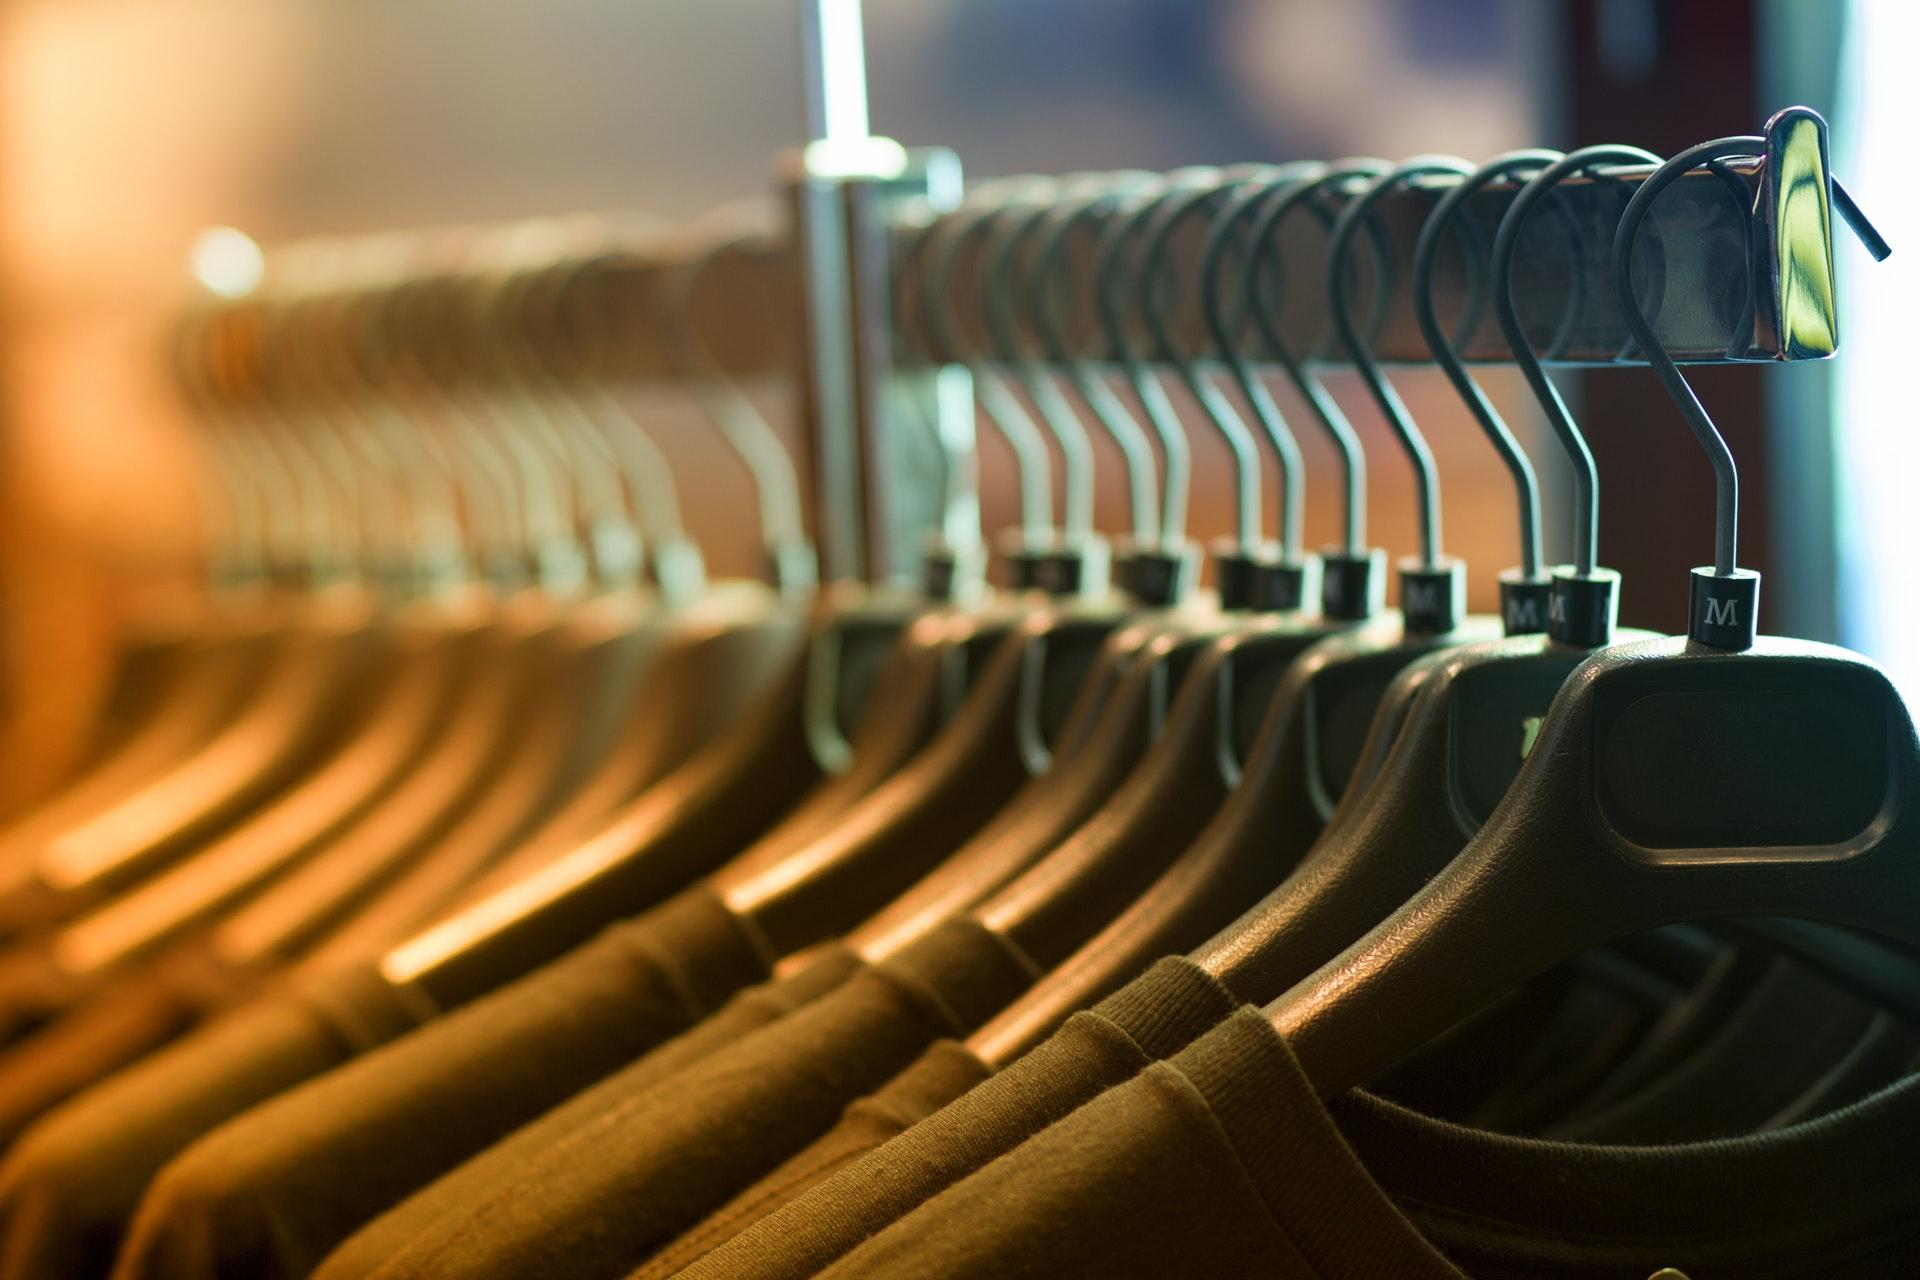 fn, tøj, tøjproduktion, tøjindustrien, forurening, olie, vand, menneskerettigheder, produktion, forbrug